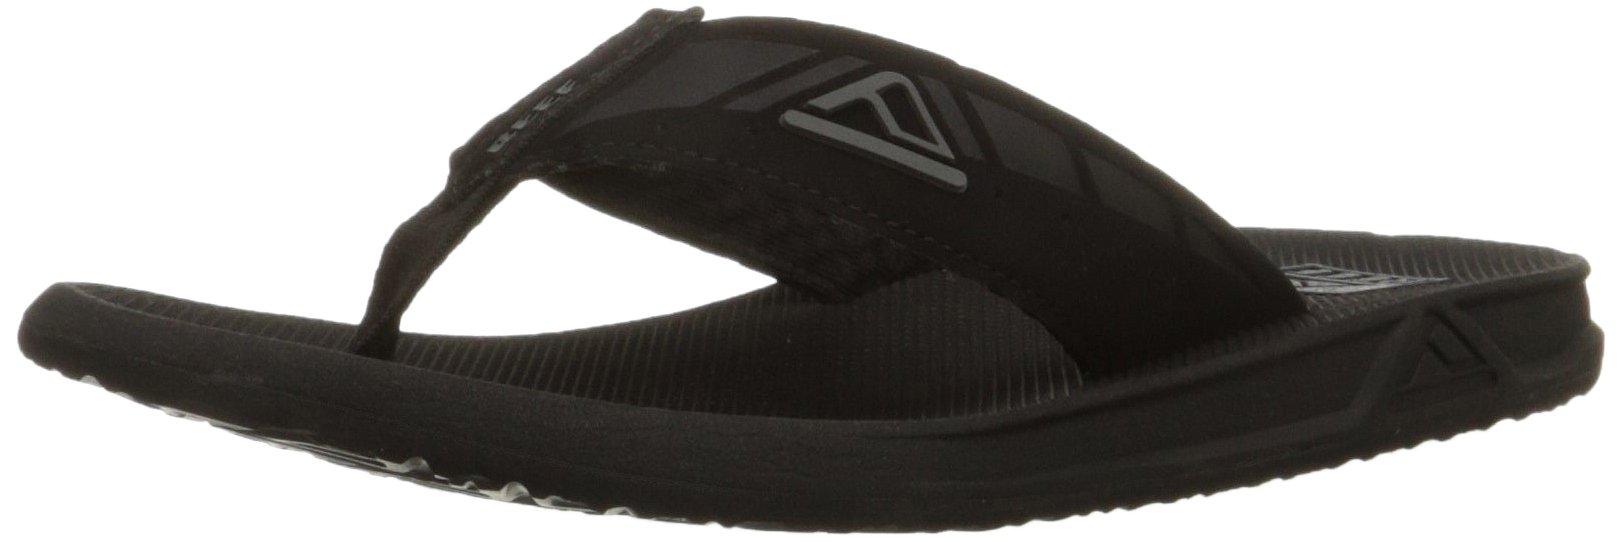 Reef Men's Phantom Sandal, Black, 14 M US by Reef